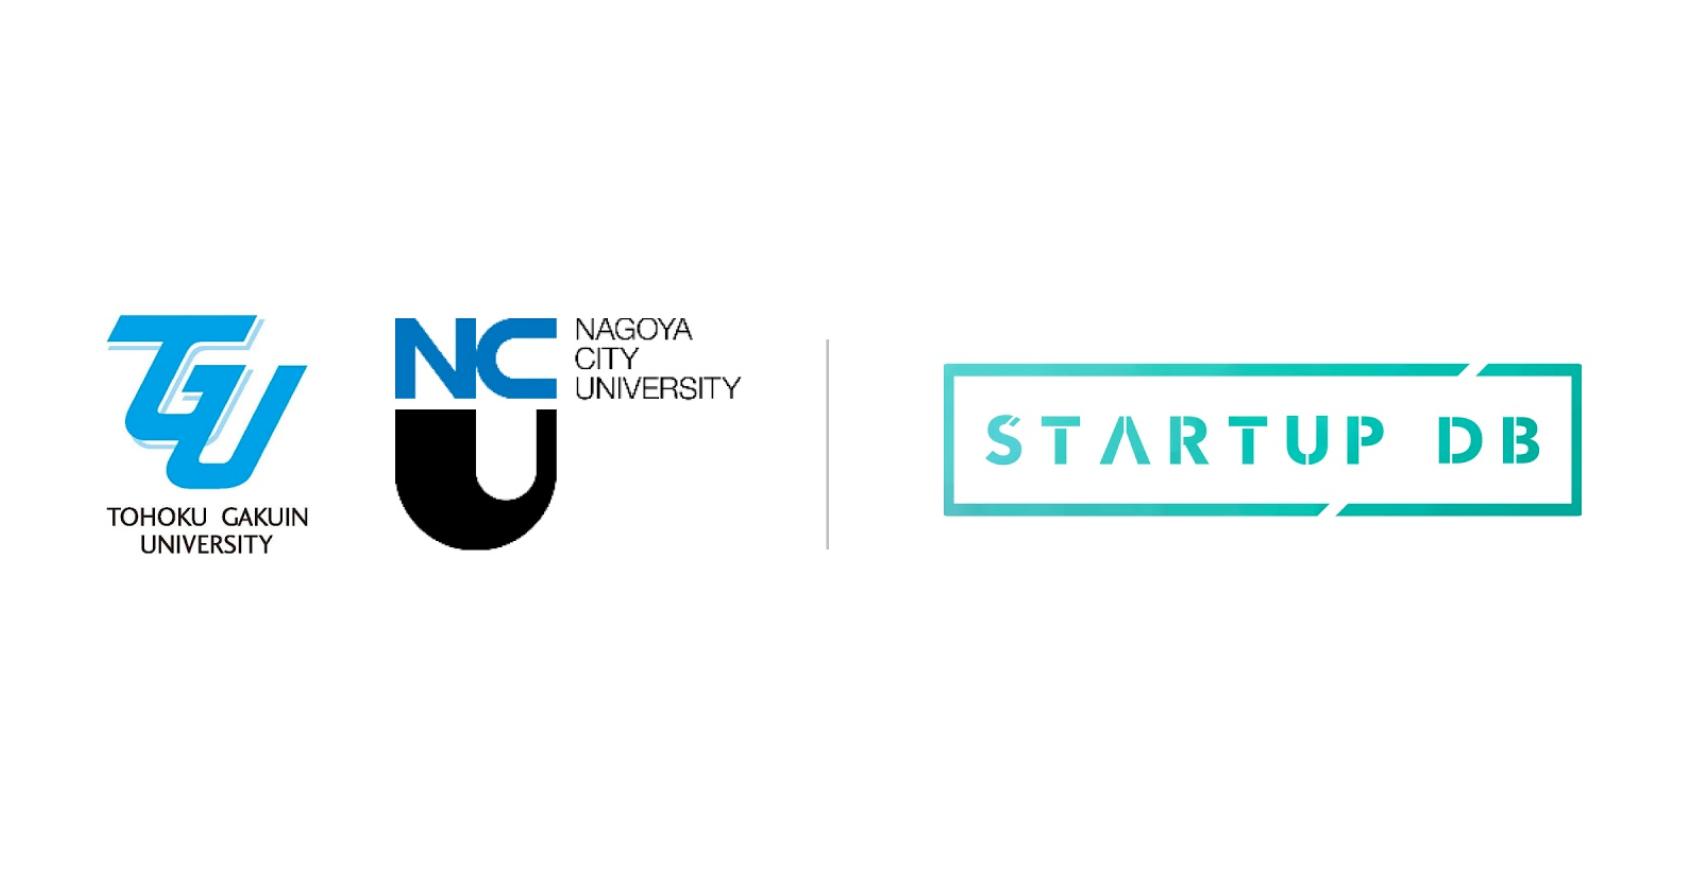 フォースタートアップス、東北学院大学、名古屋市立大学と共同研究開始